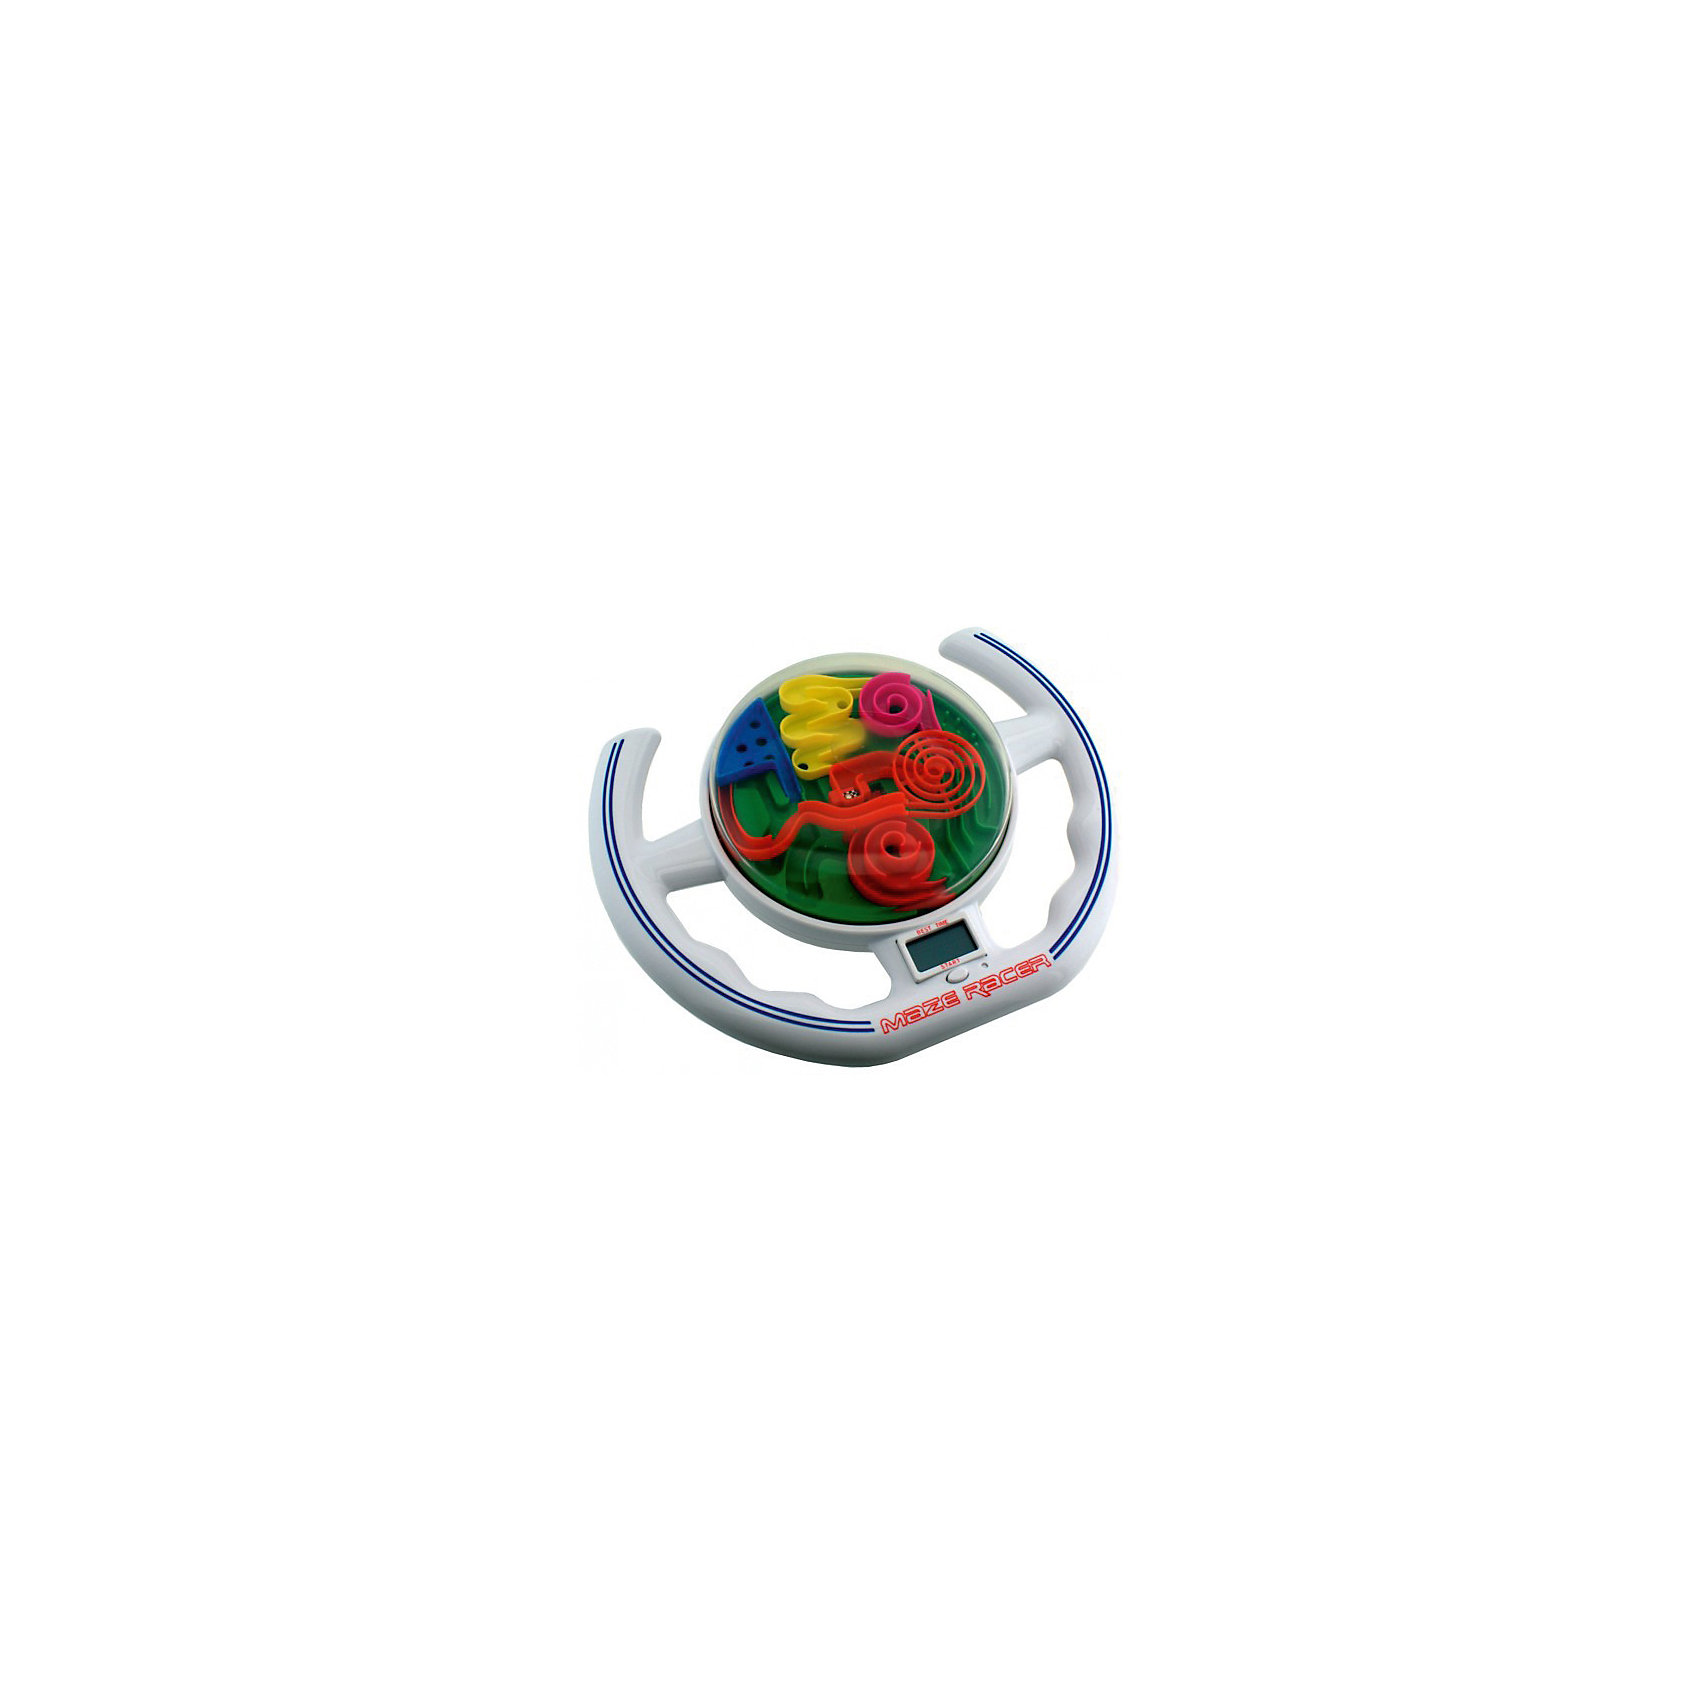 Лабиринтус-руль,  LabirintusГоловоломки<br>Лабиринтус-руль, Labirintus.<br><br>Характеристики:<br><br>- Возраст: от 6 лет<br>- Размер руля: 20 х 25 см.<br>- Трасса более 1 метра<br>- Батарейки: 2 типа АА (входят в комплект)<br>- Материал: пластик<br><br>Игра Лабиринтус-руль - электронный вариант популярных Шаров-Лабиринтов. Игра выполнена в форме руля от спортивной машины, на поверхности которого расположен лабиринт, а внутри лабиринта есть металлический шарик. Цель игры состоит в том, чтобы пройти запутанную трассу с препятствиями за рекордно короткие сроки, наклоняя и поворачивая руль так, чтобы удерживать шарик на дорожке и обходить опасные точки - отверстия, неогороженный бортик и прочее. Как только шарик попадет конечную точку, сработает стоп-датчик и таймер остановится. Трасса лабиринта более 1 метра. Звуковой эффект добавляет азарт, а ЖК-дисплей между ручек руля показывает текущее время и лучший результат. Игра развивает логическое и пространственное мышление, тренирует усидчивость.<br><br>Игру Лабиринтус-руль, Labirintus можно купить в нашем интернет-магазине.<br><br>Ширина мм: 280<br>Глубина мм: 70<br>Высота мм: 300<br>Вес г: 400<br>Возраст от месяцев: 72<br>Возраст до месяцев: 2147483647<br>Пол: Унисекс<br>Возраст: Детский<br>SKU: 5348111